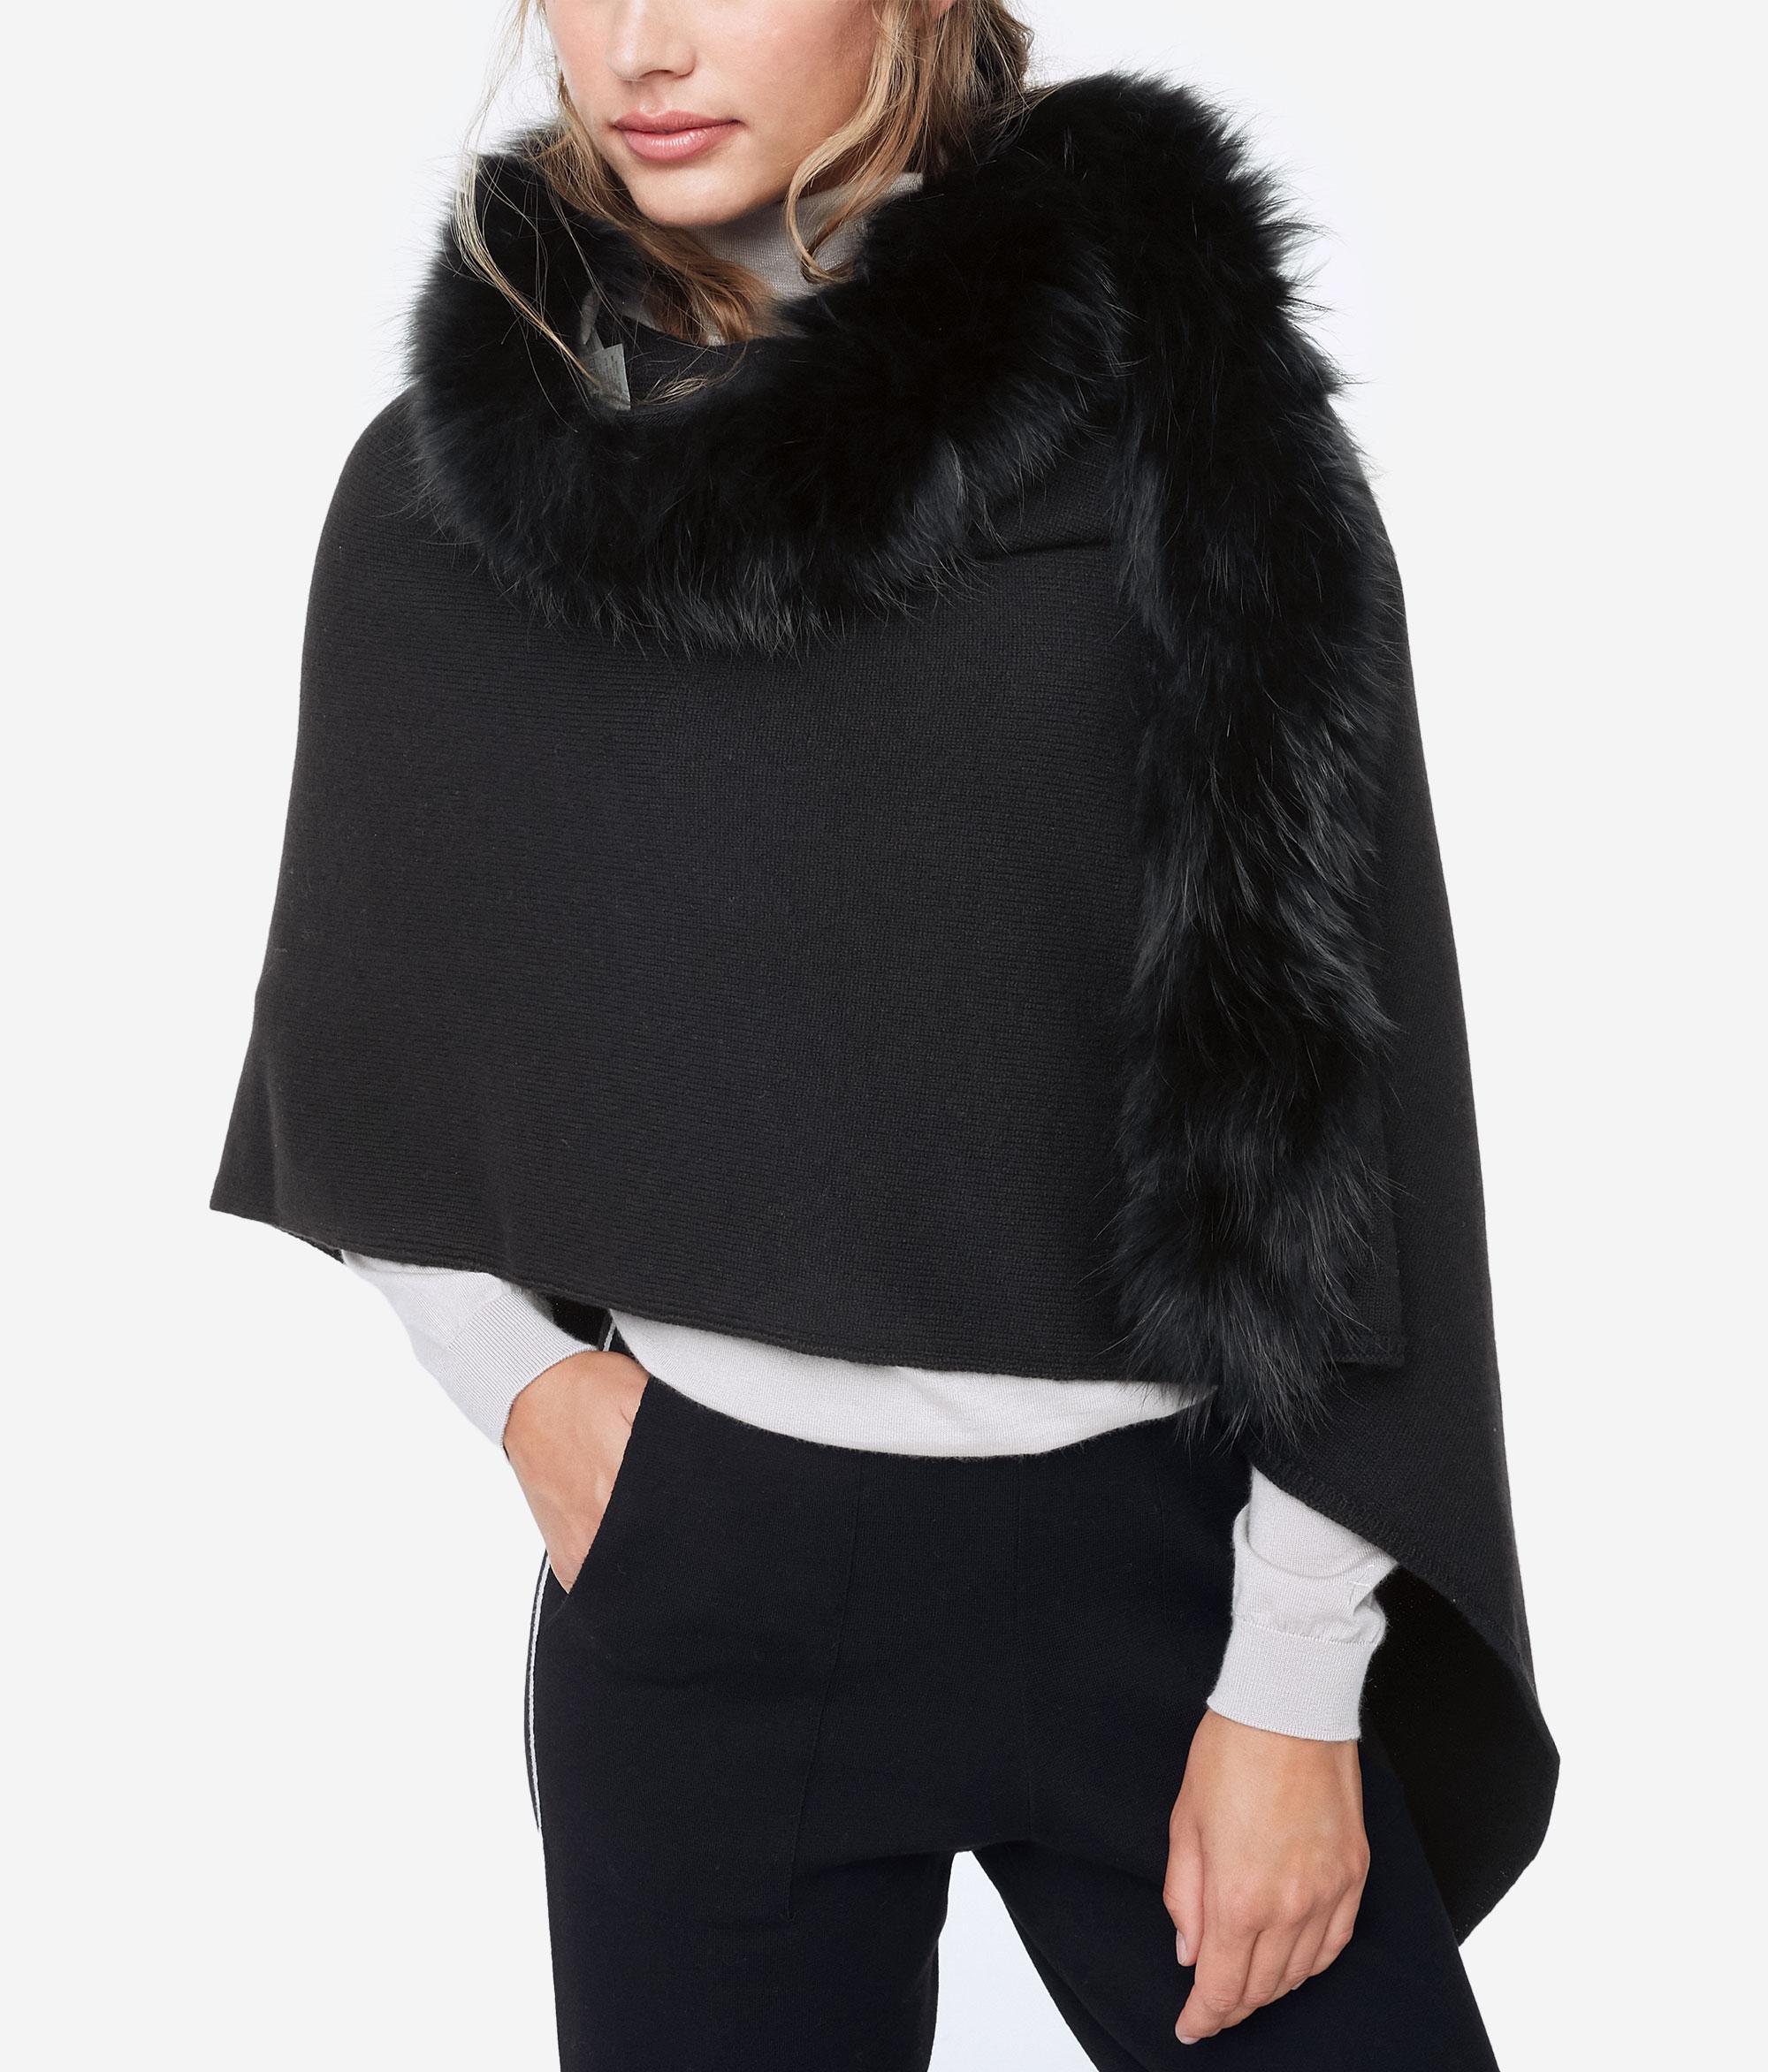 Stola in cashmere e pelliccia Falconeri